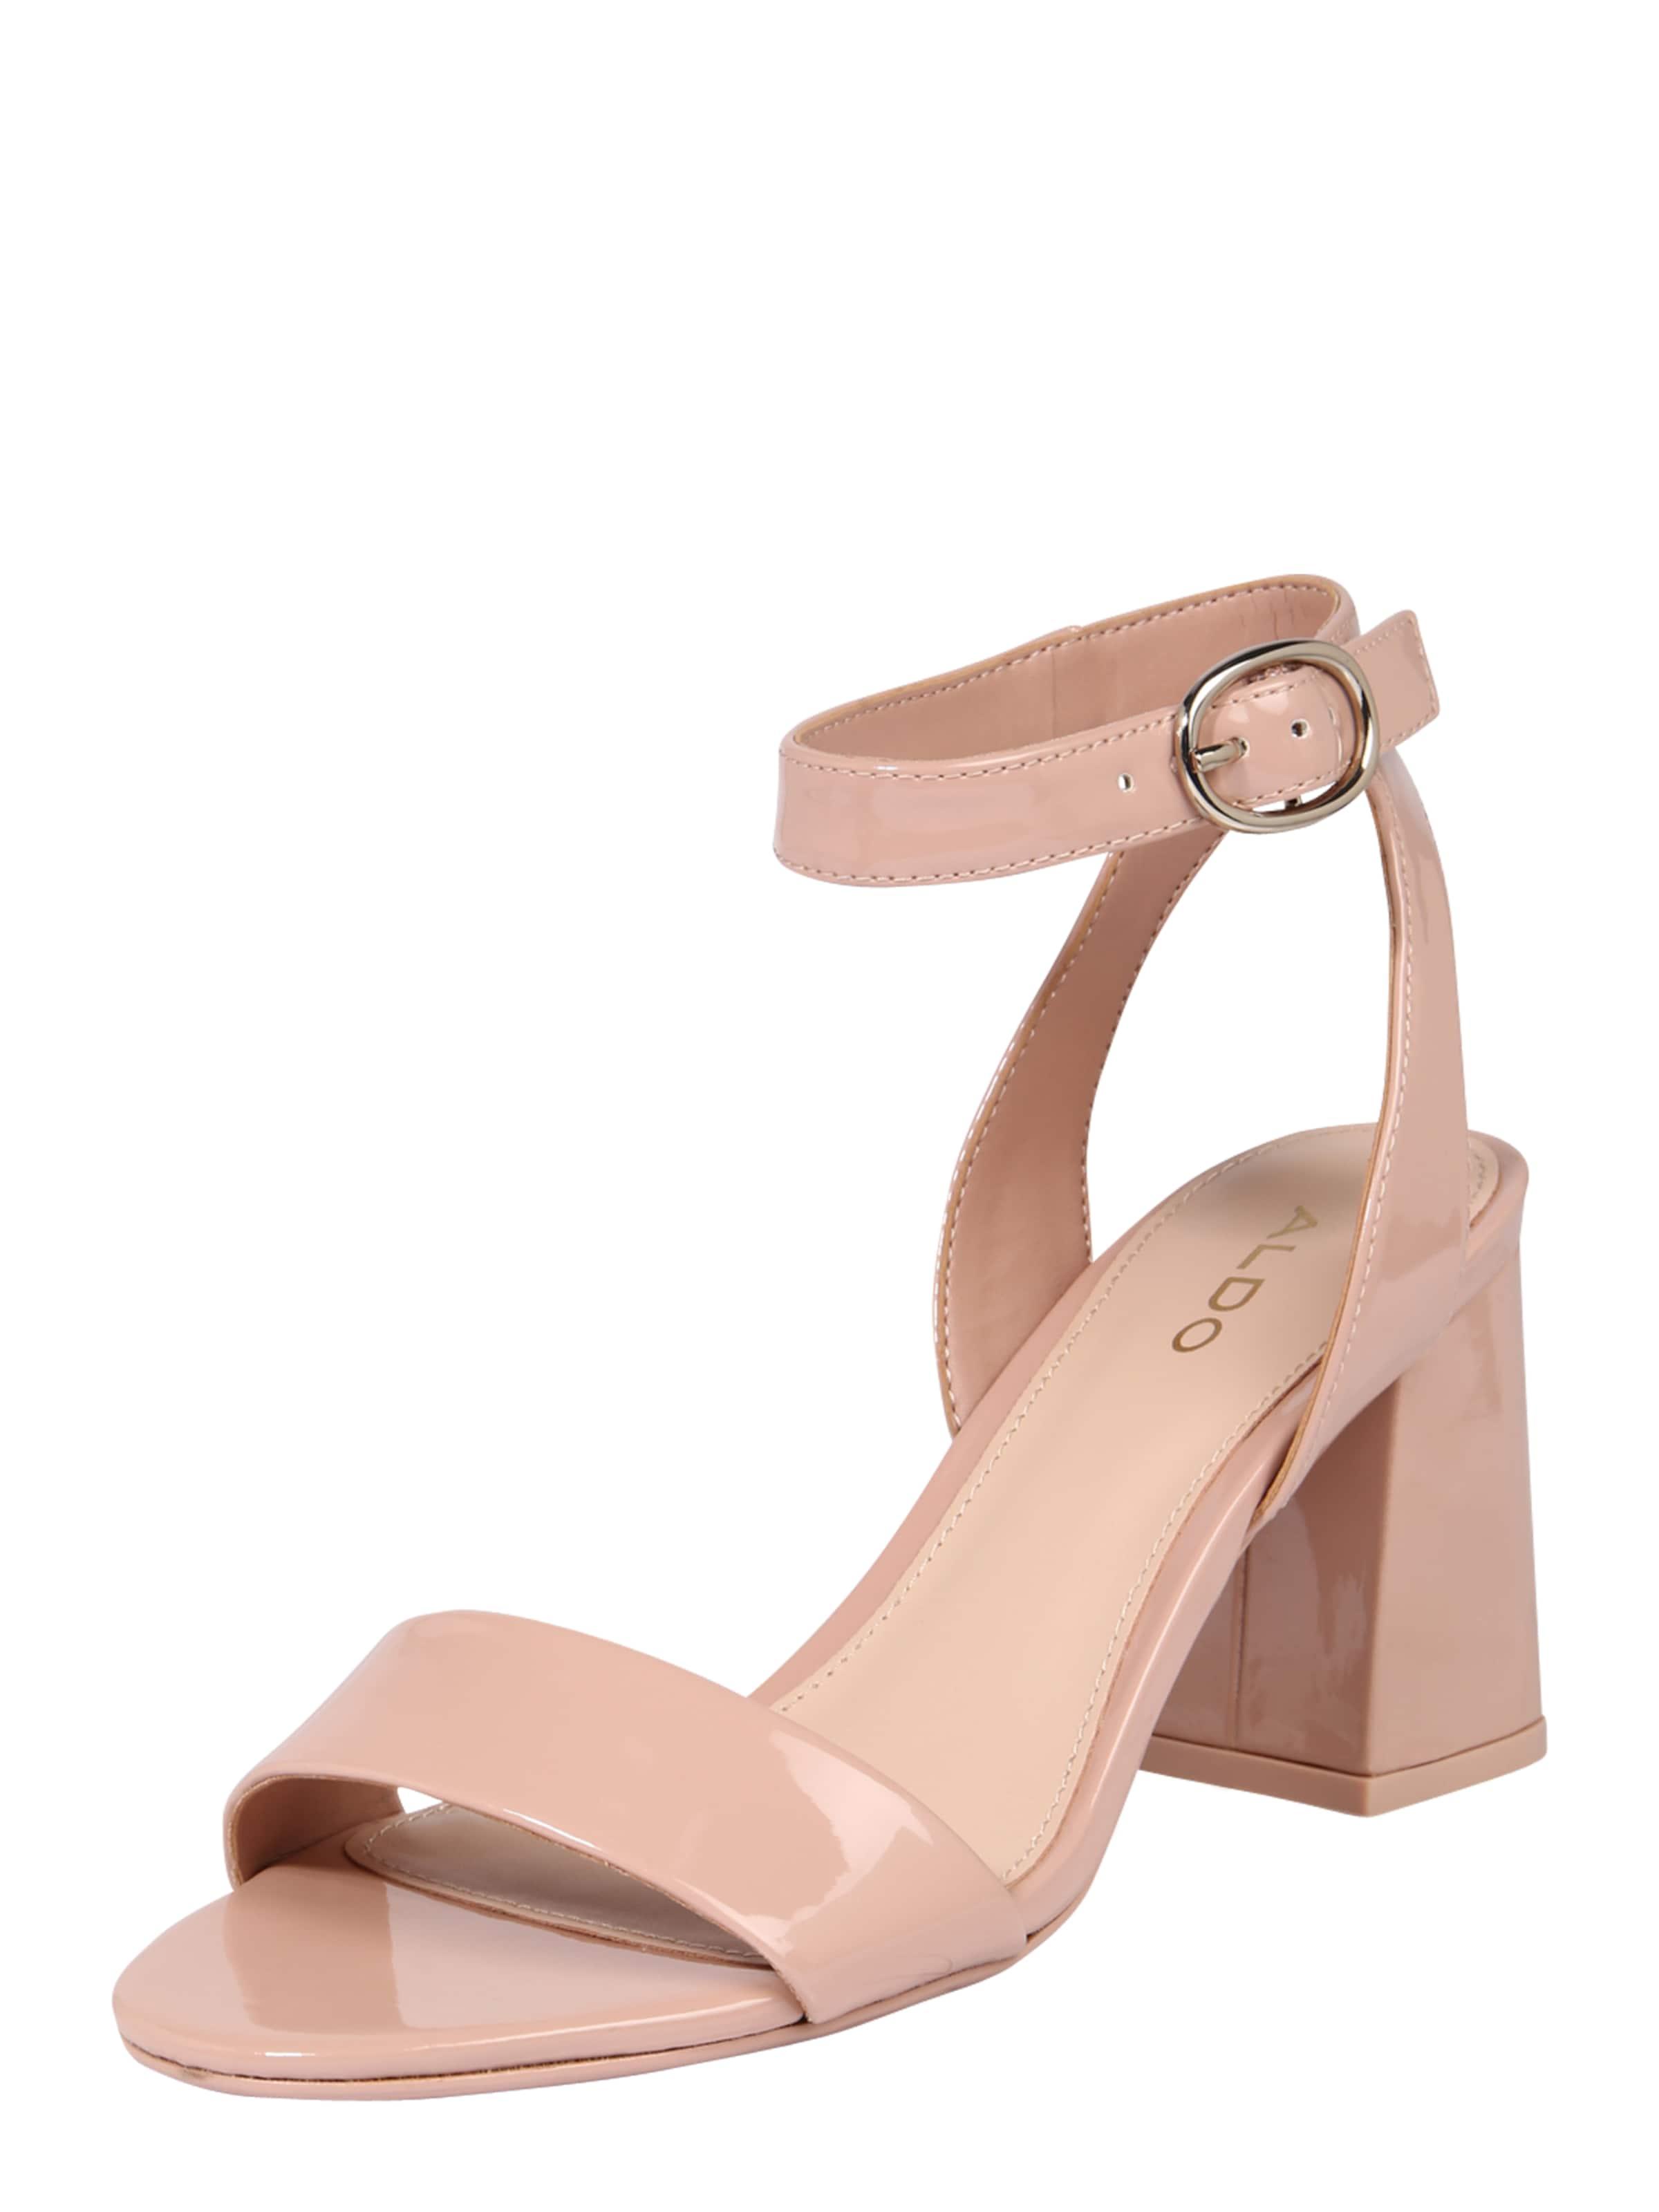 ALDO Sandale KEDERINI Verschleißfeste billige Schuhe